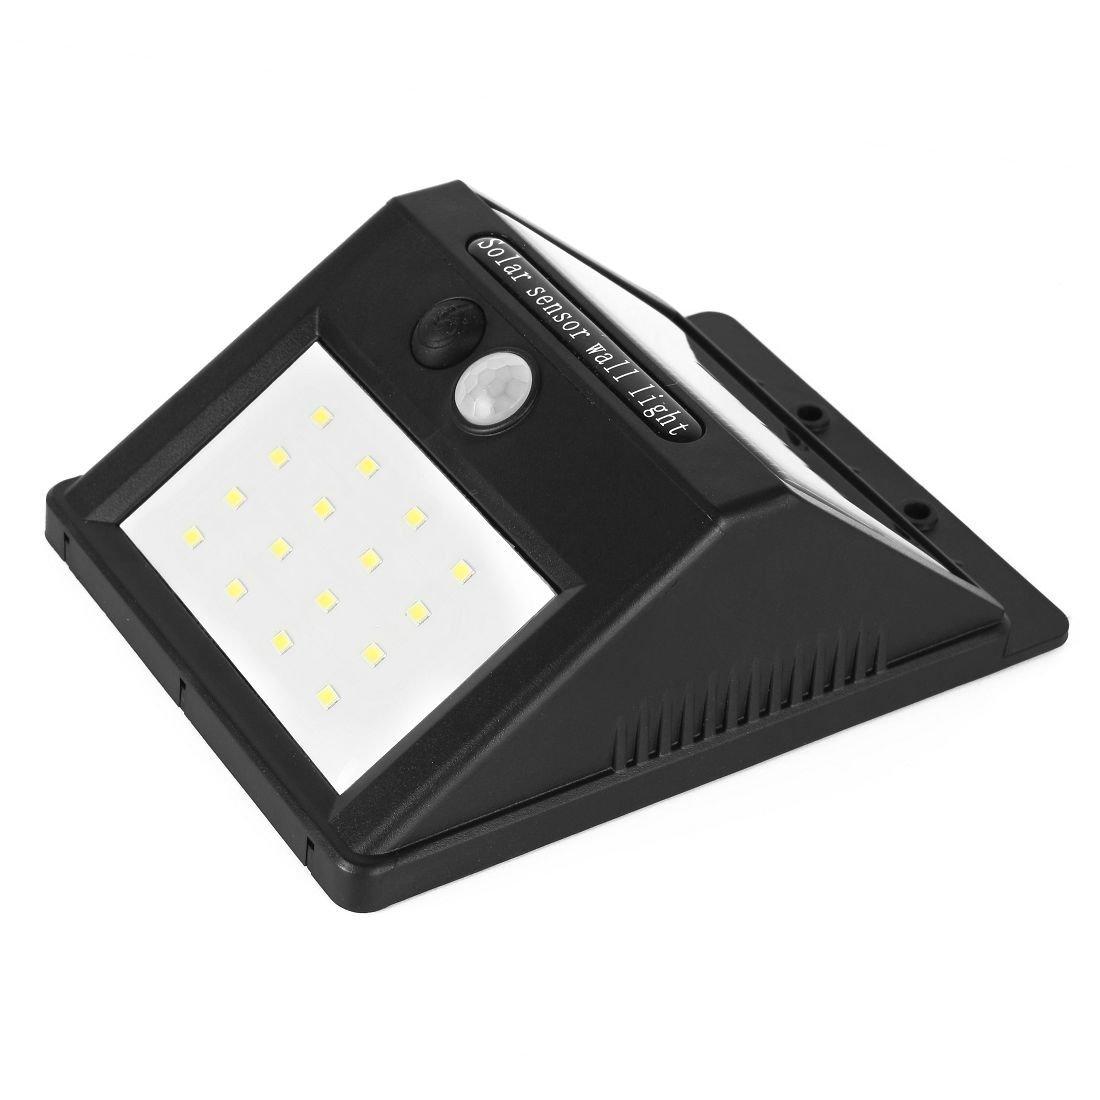 Sensor de luz solar eDealMax Movimiento 16 hilos impermeable Foco energía solar pared del jardín de la cubierta de la yarda LED brillantes luces de ...